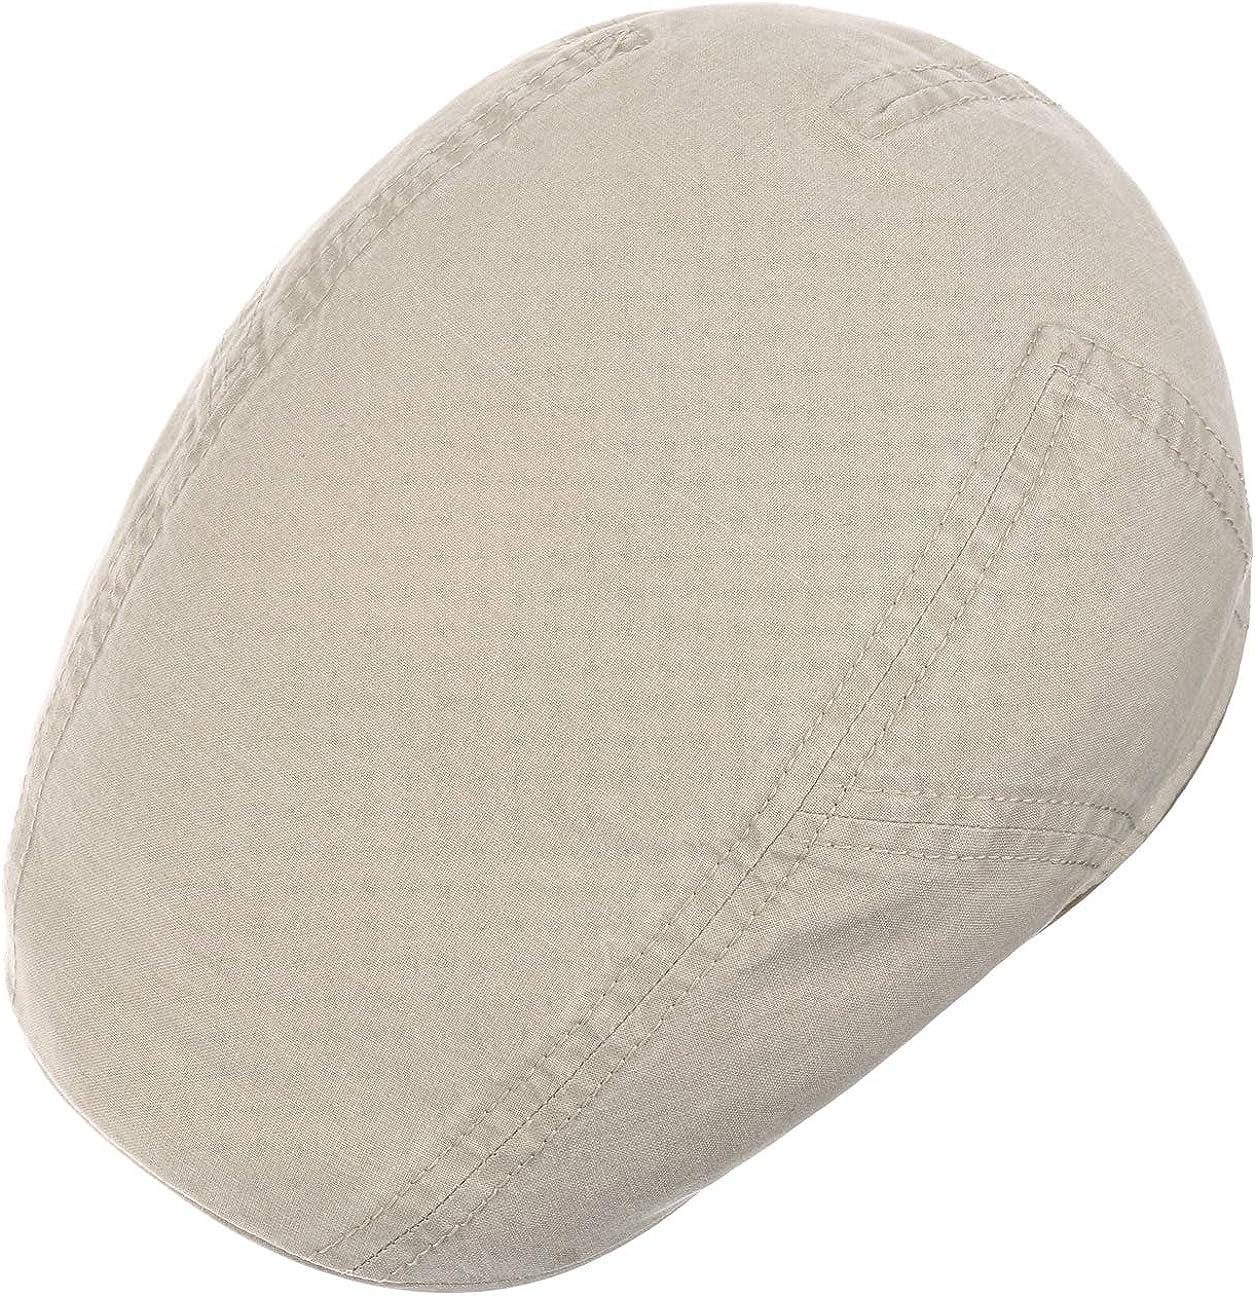 Stetson Delave Organic Cotton Ivy Cap Schirmm/ütze Schieberm/ütze Baumwollcap Herren Made in The EU Flatcap mit Schirm Fr/ühling-Sommer